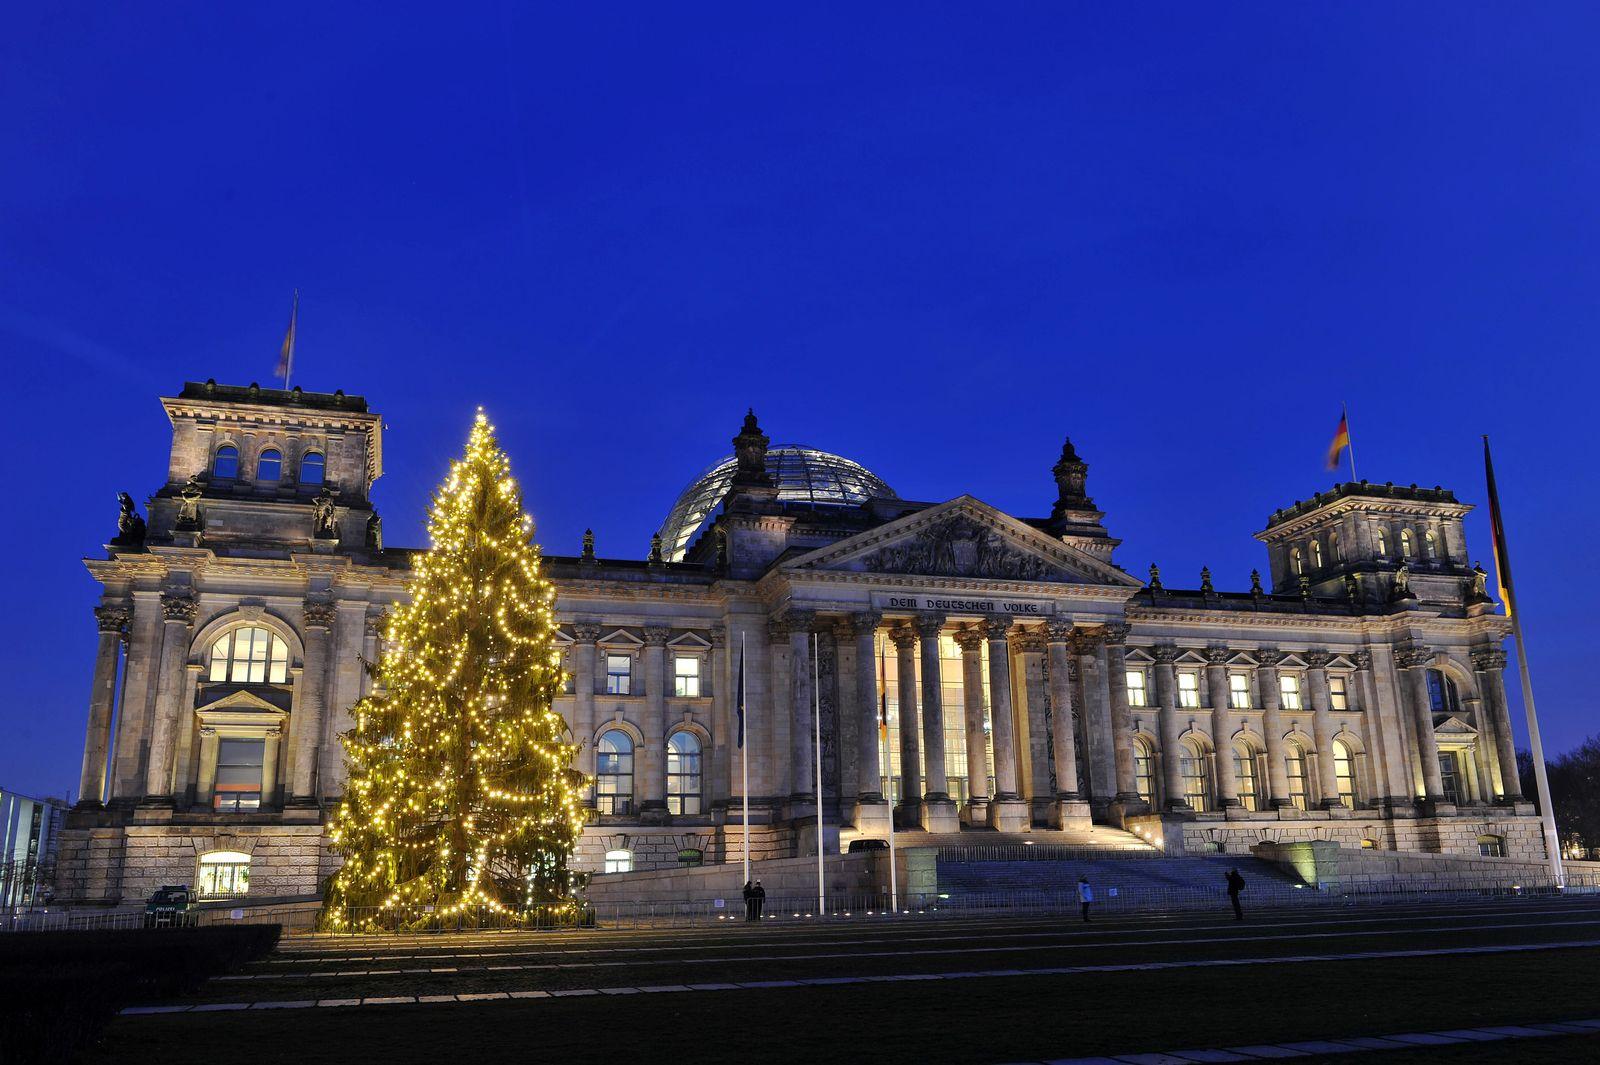 Leuchtender Baum vor dem Reichstag